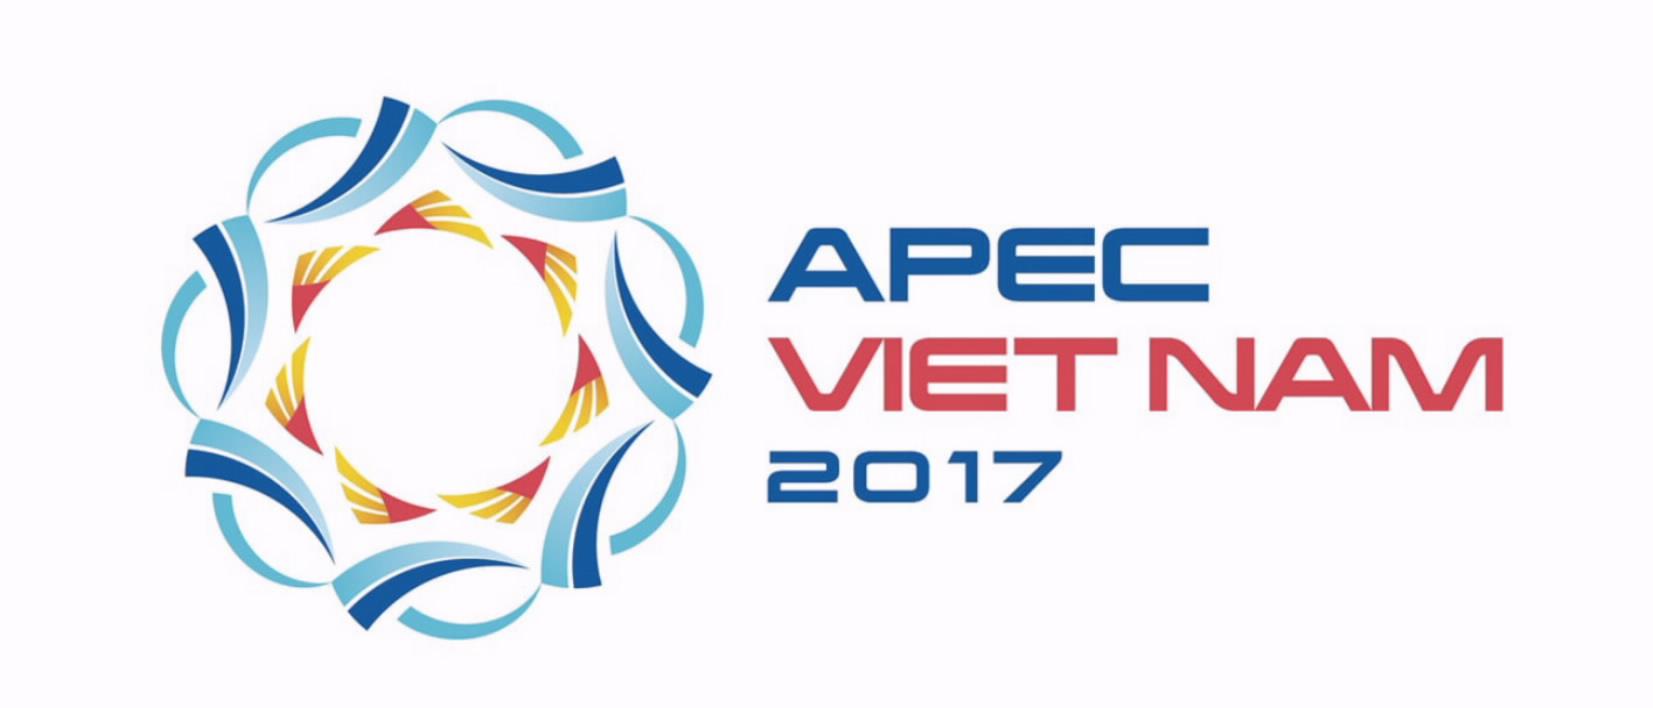 APEC 2017: Hỗ trợ nâng cao năng lực cạnh tranh cho các doanh nghiệp siêu nhỏ, nhỏ và vừa